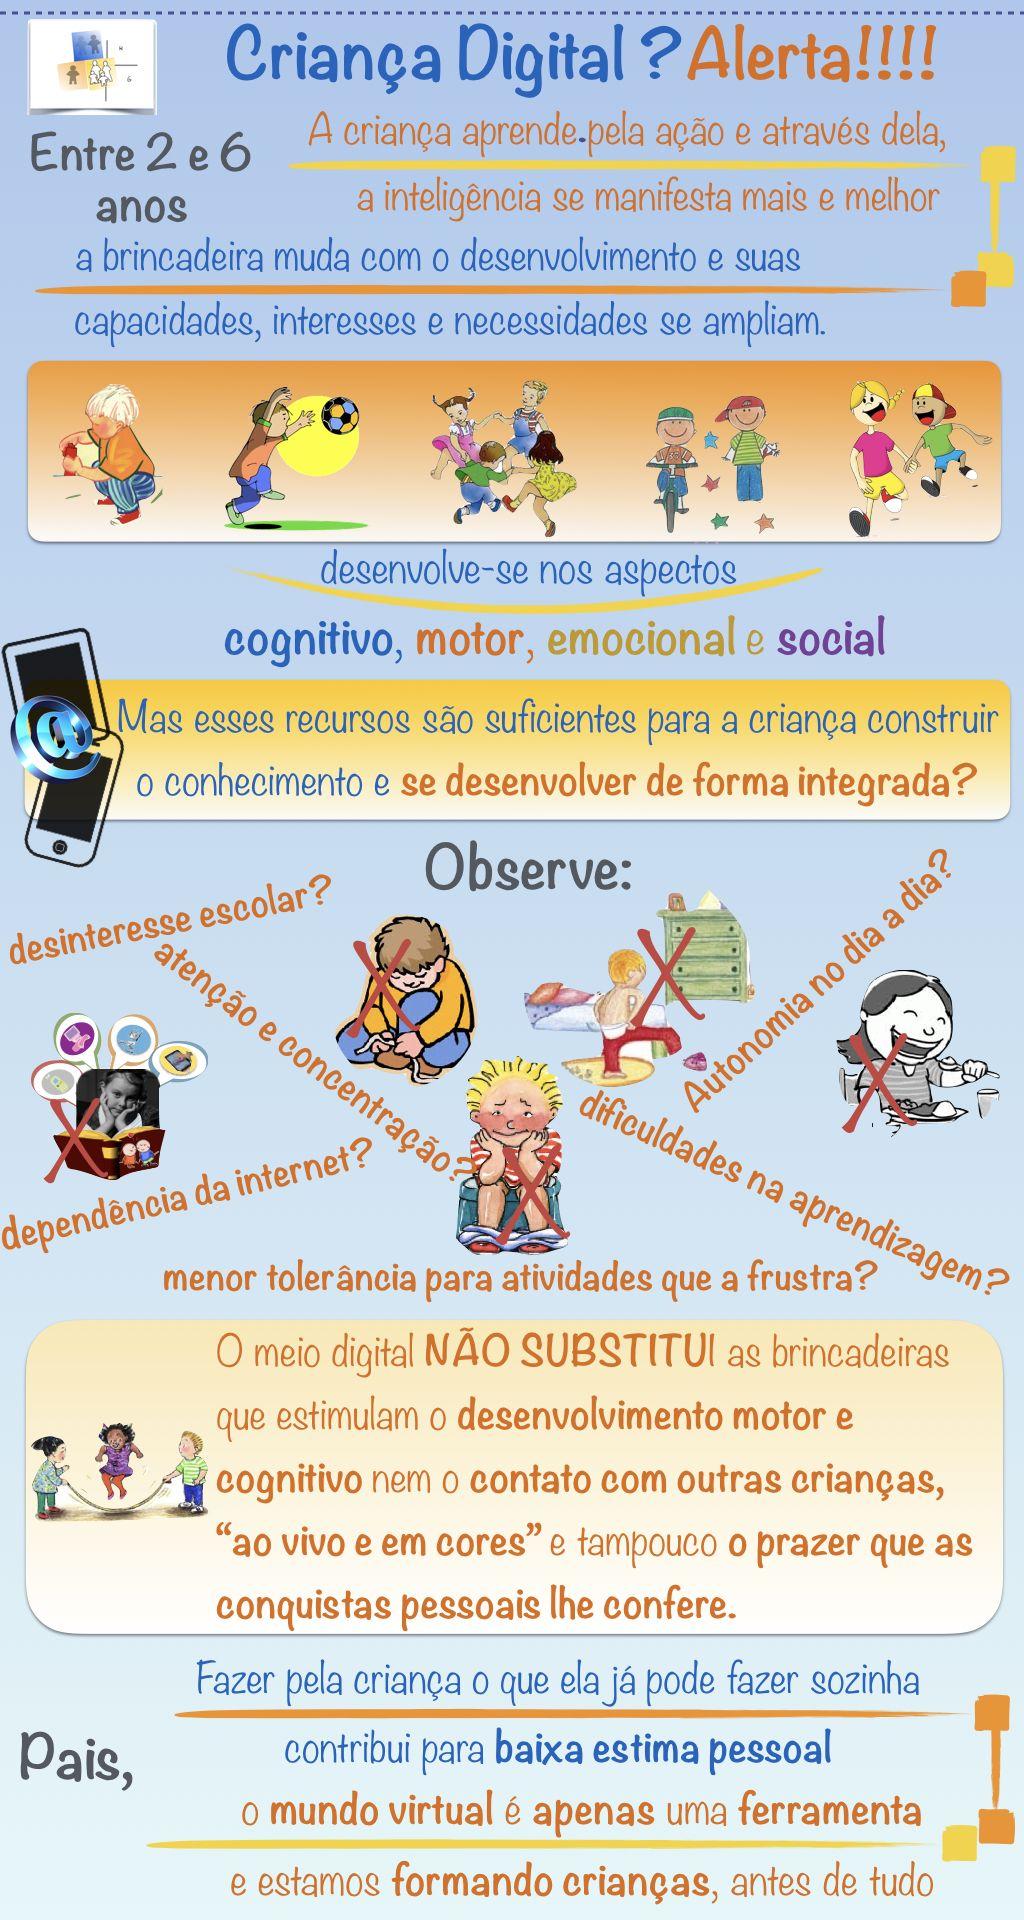 Crianca Digital Alerta Criancas Aprendendo Criancas